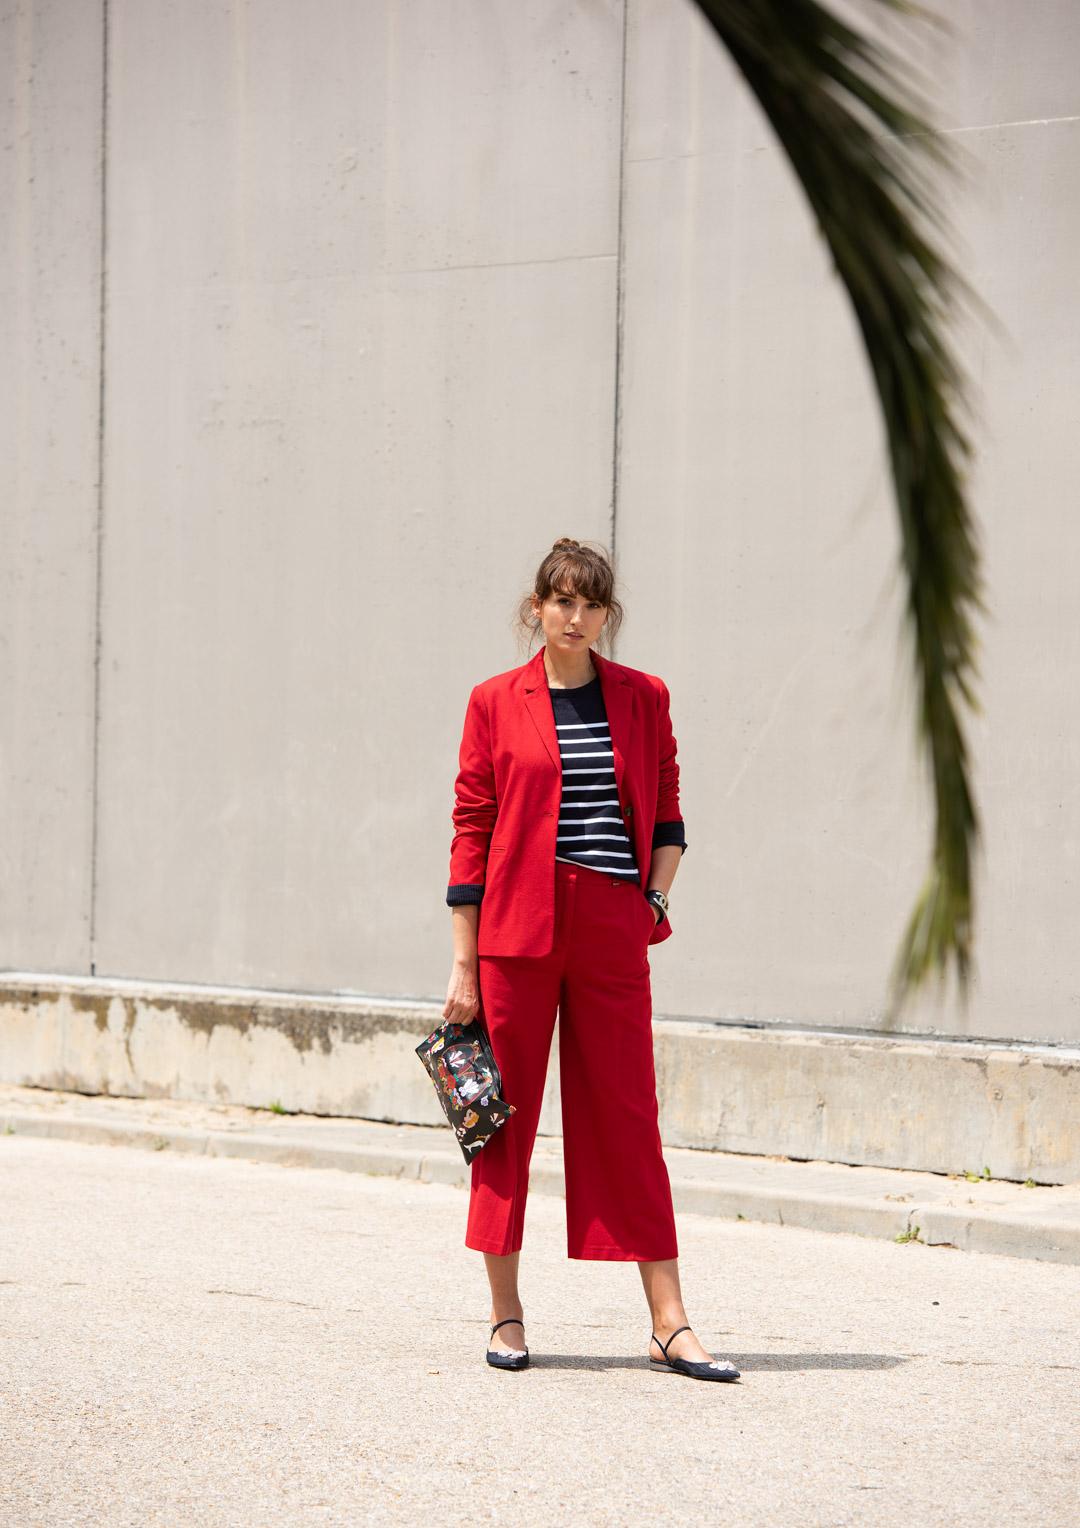 red-suit-street-style-mayte-de-la-iglesia-web-01